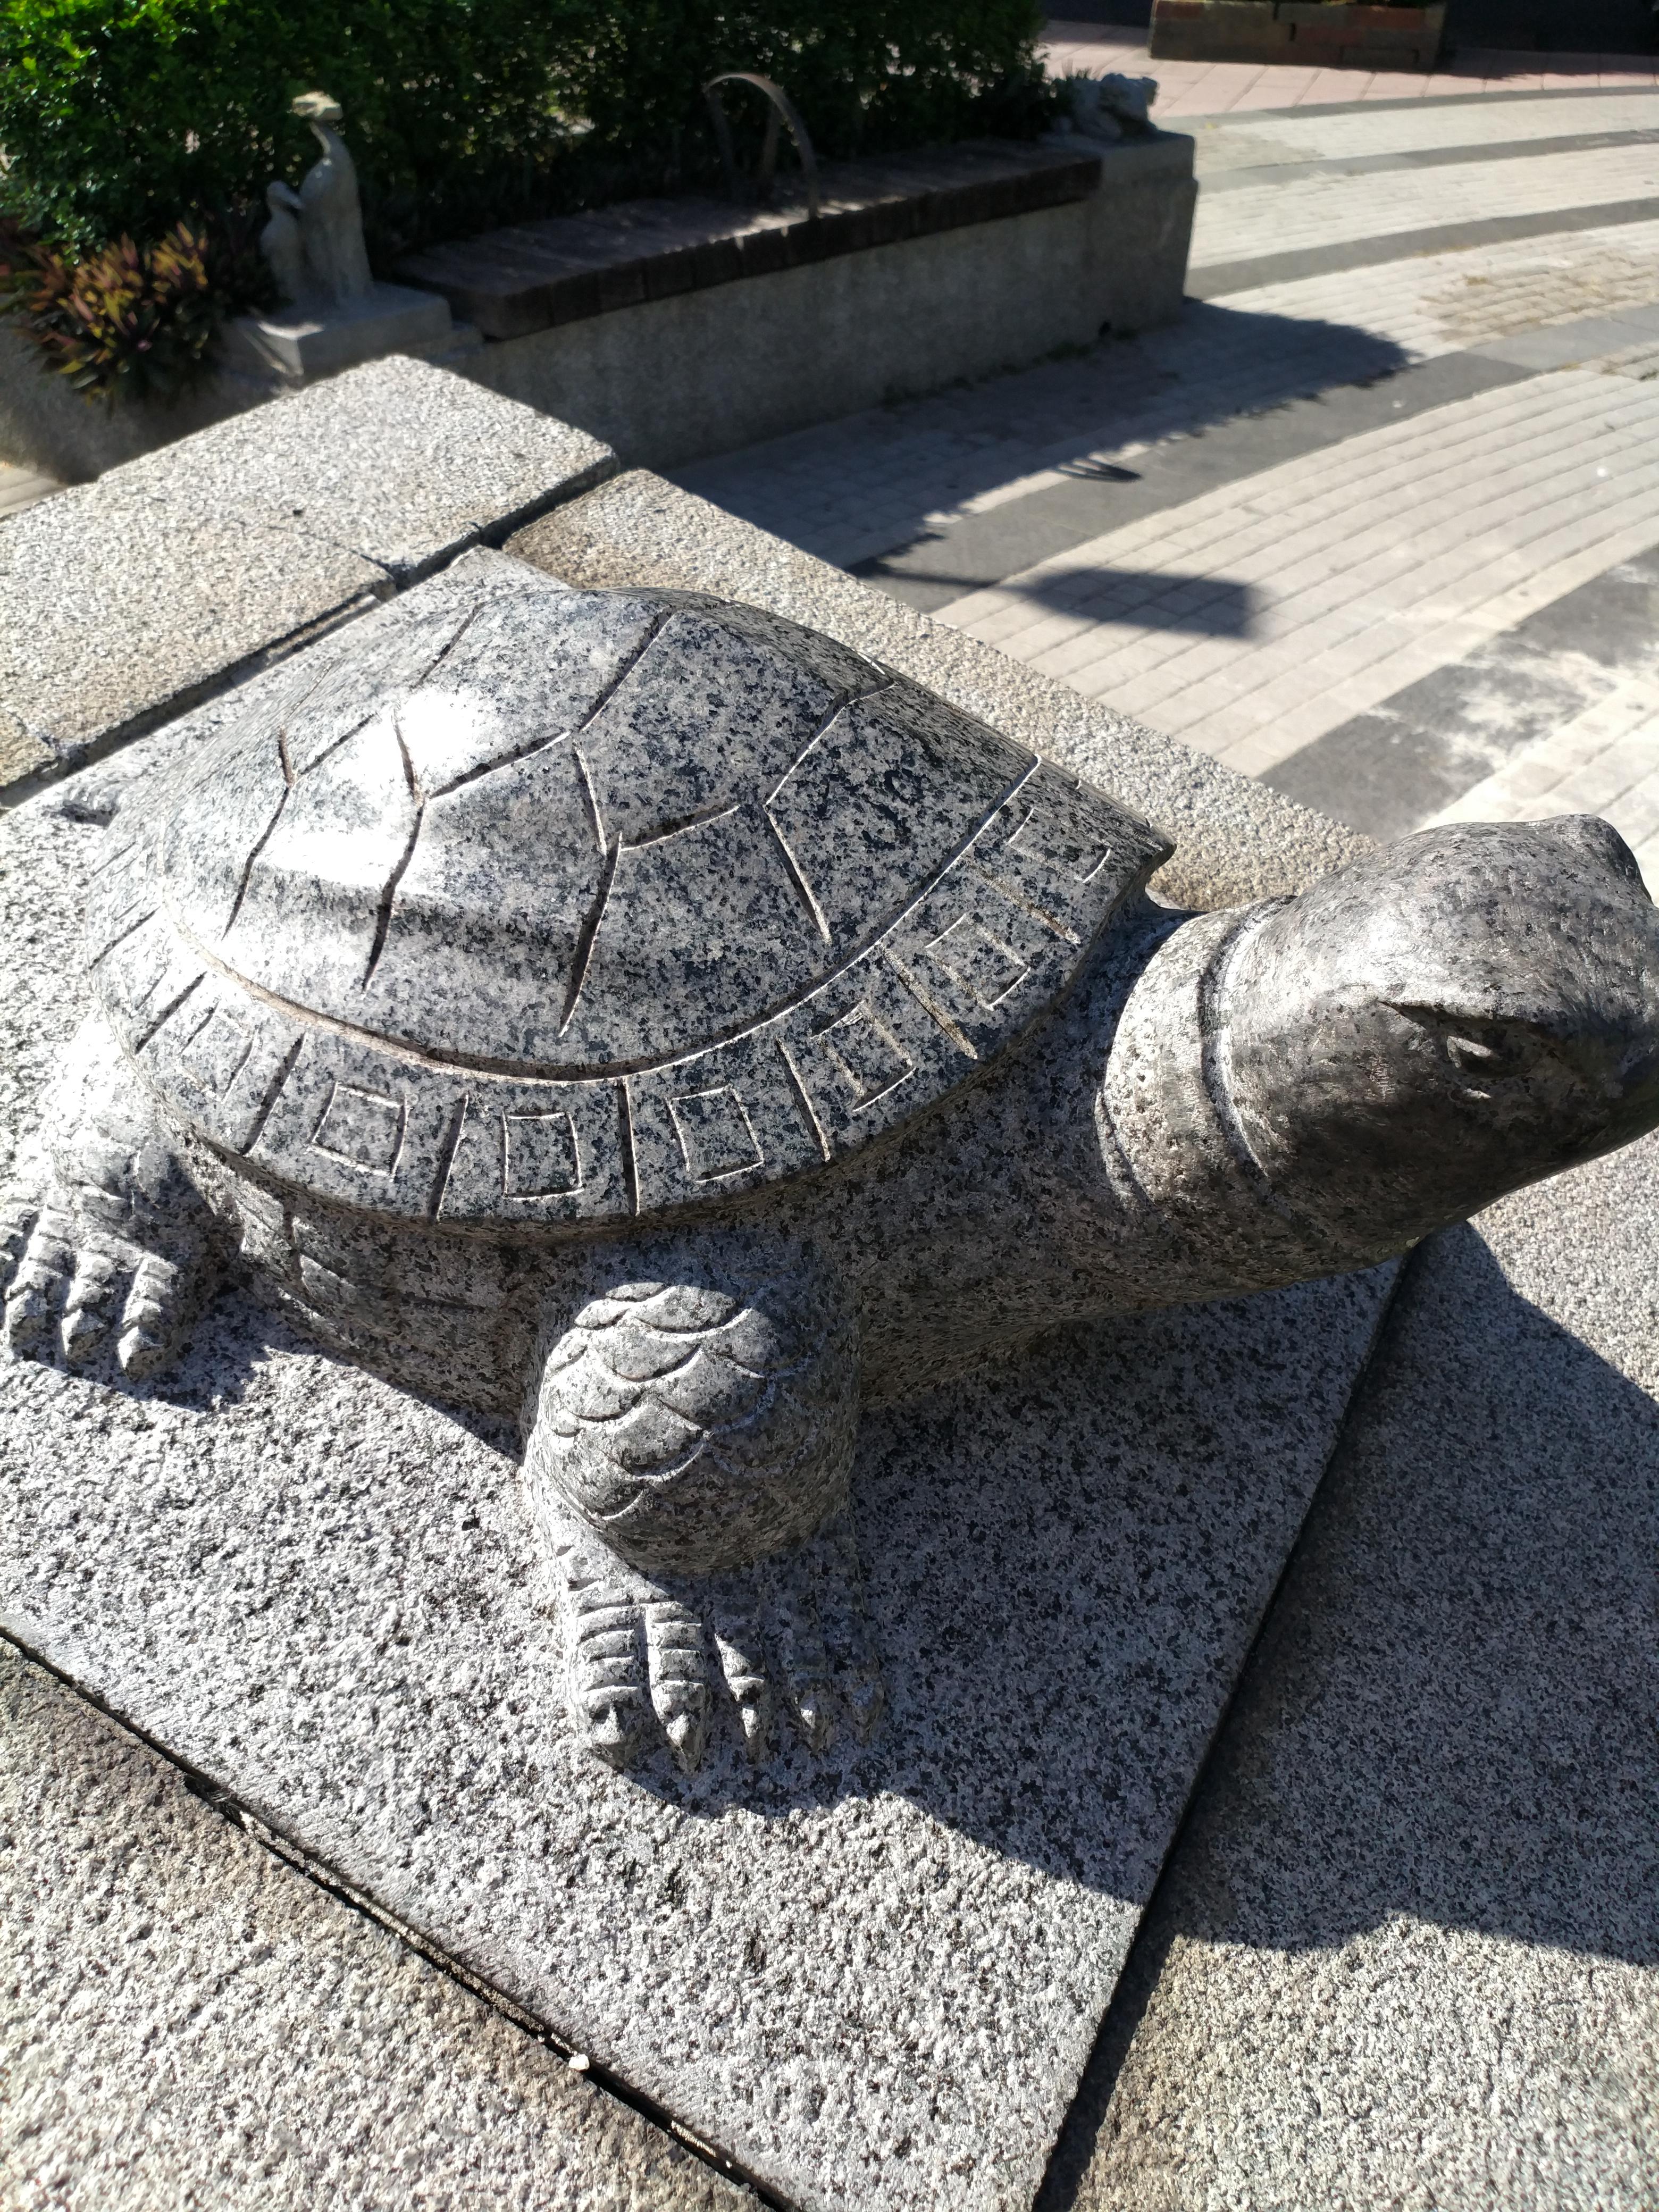 2018-07-16 烏龜雕像 (瑠公圳公園)